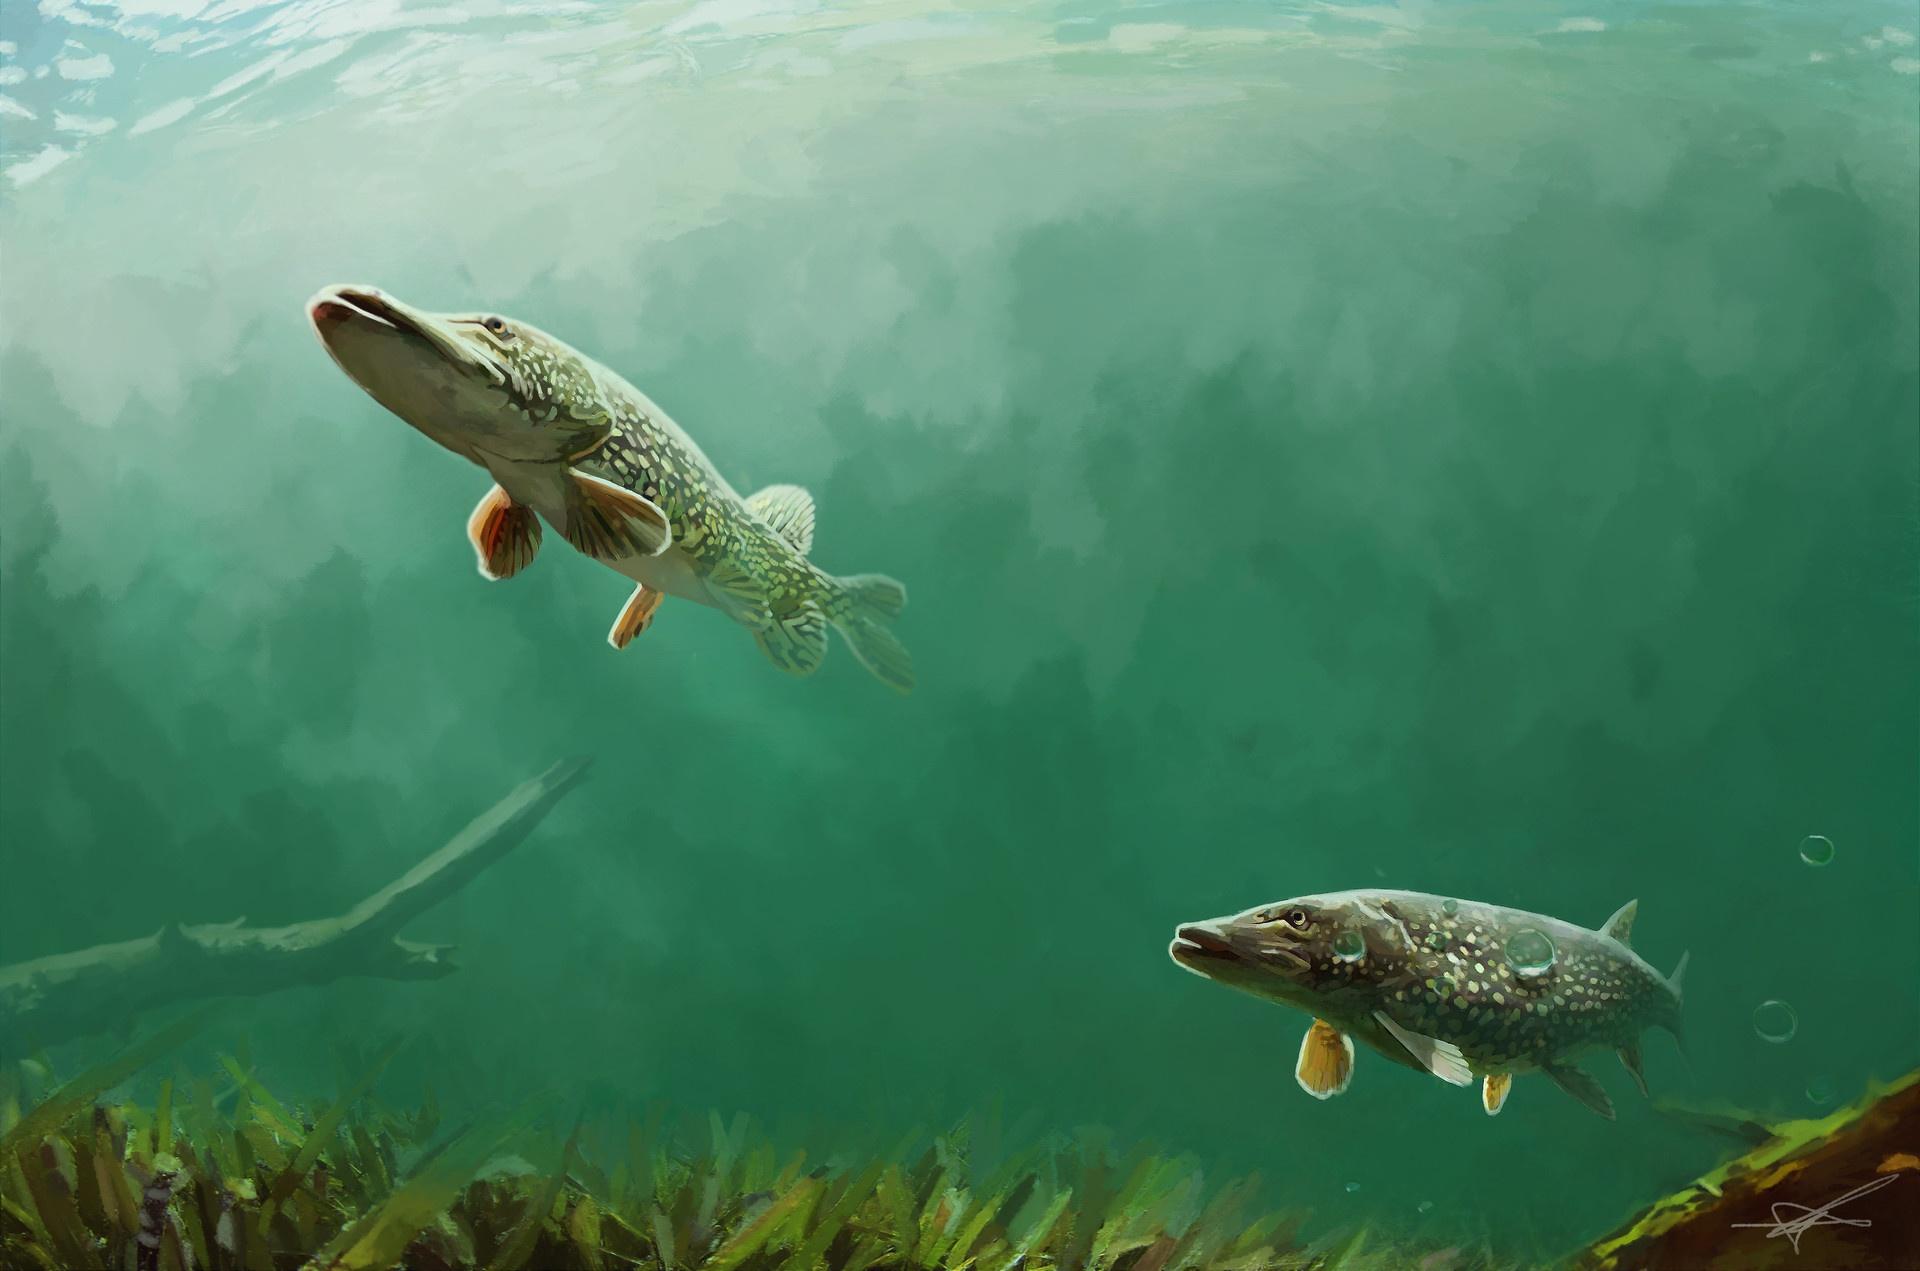 картинка щука в воде